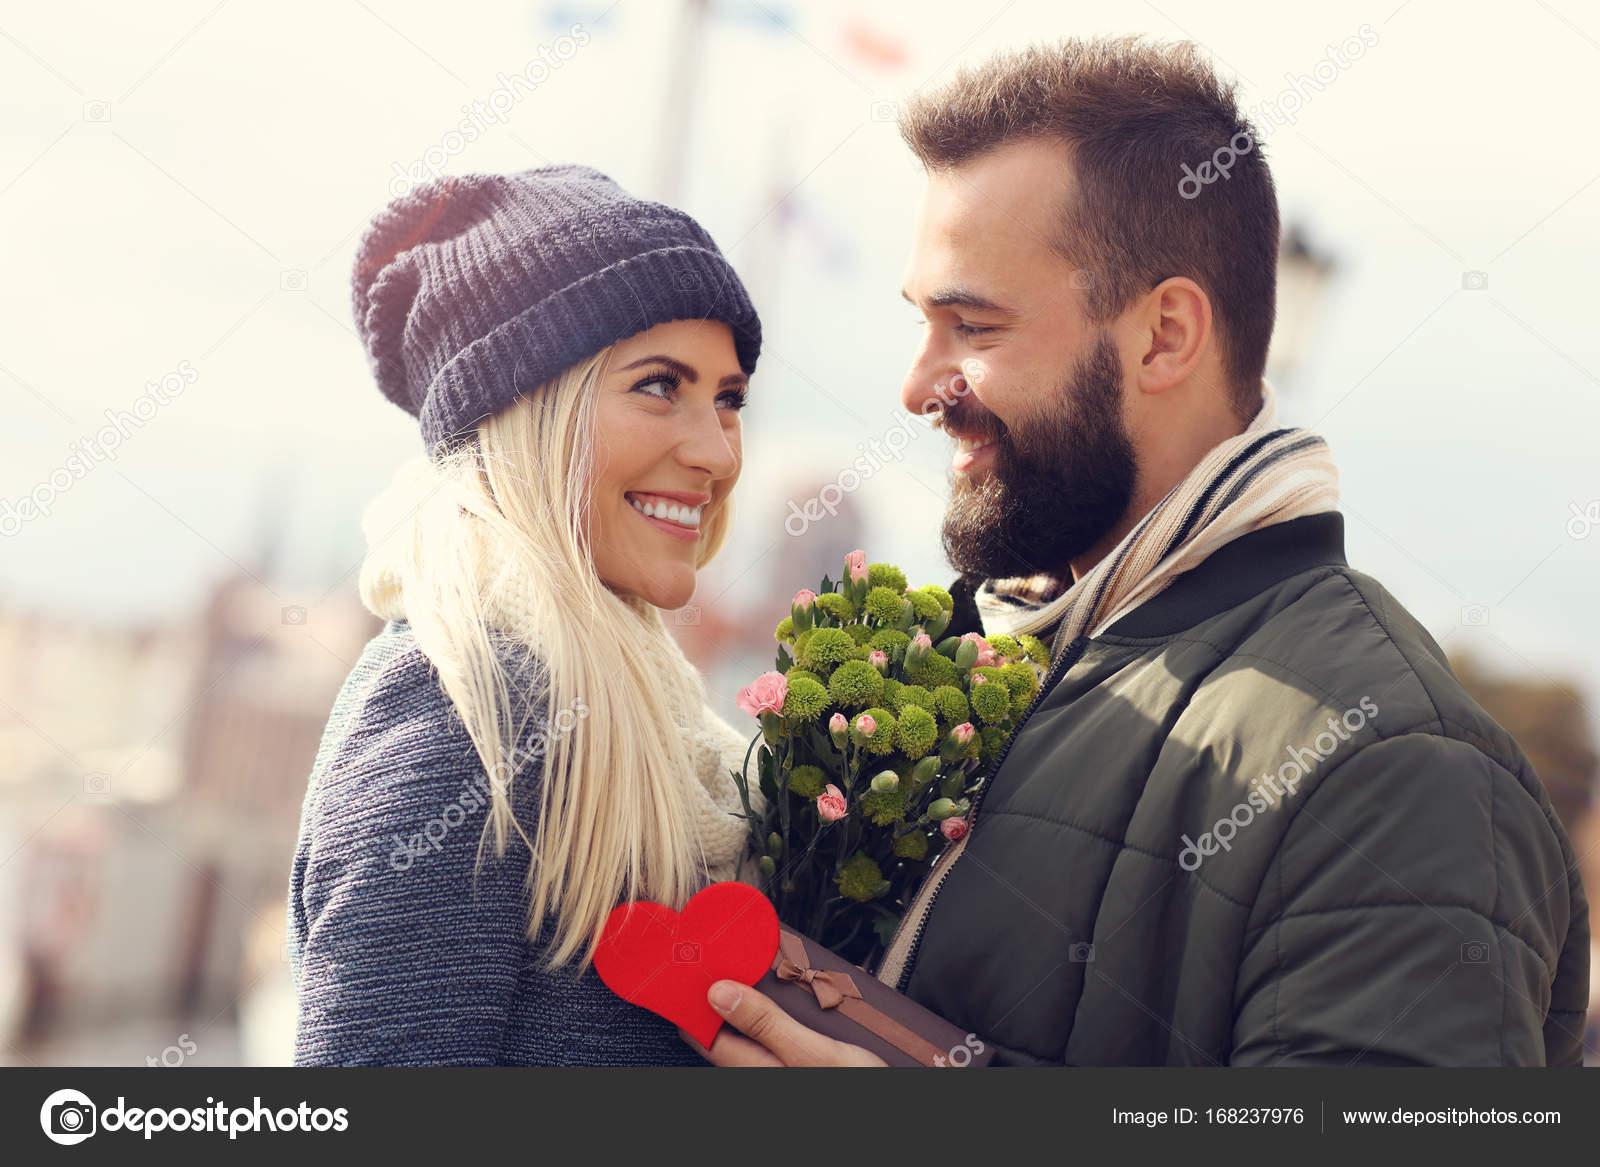 Echte flirts, discrete avonturen: ontmoet gelijkgestemde mensen en verleg je grenzen.